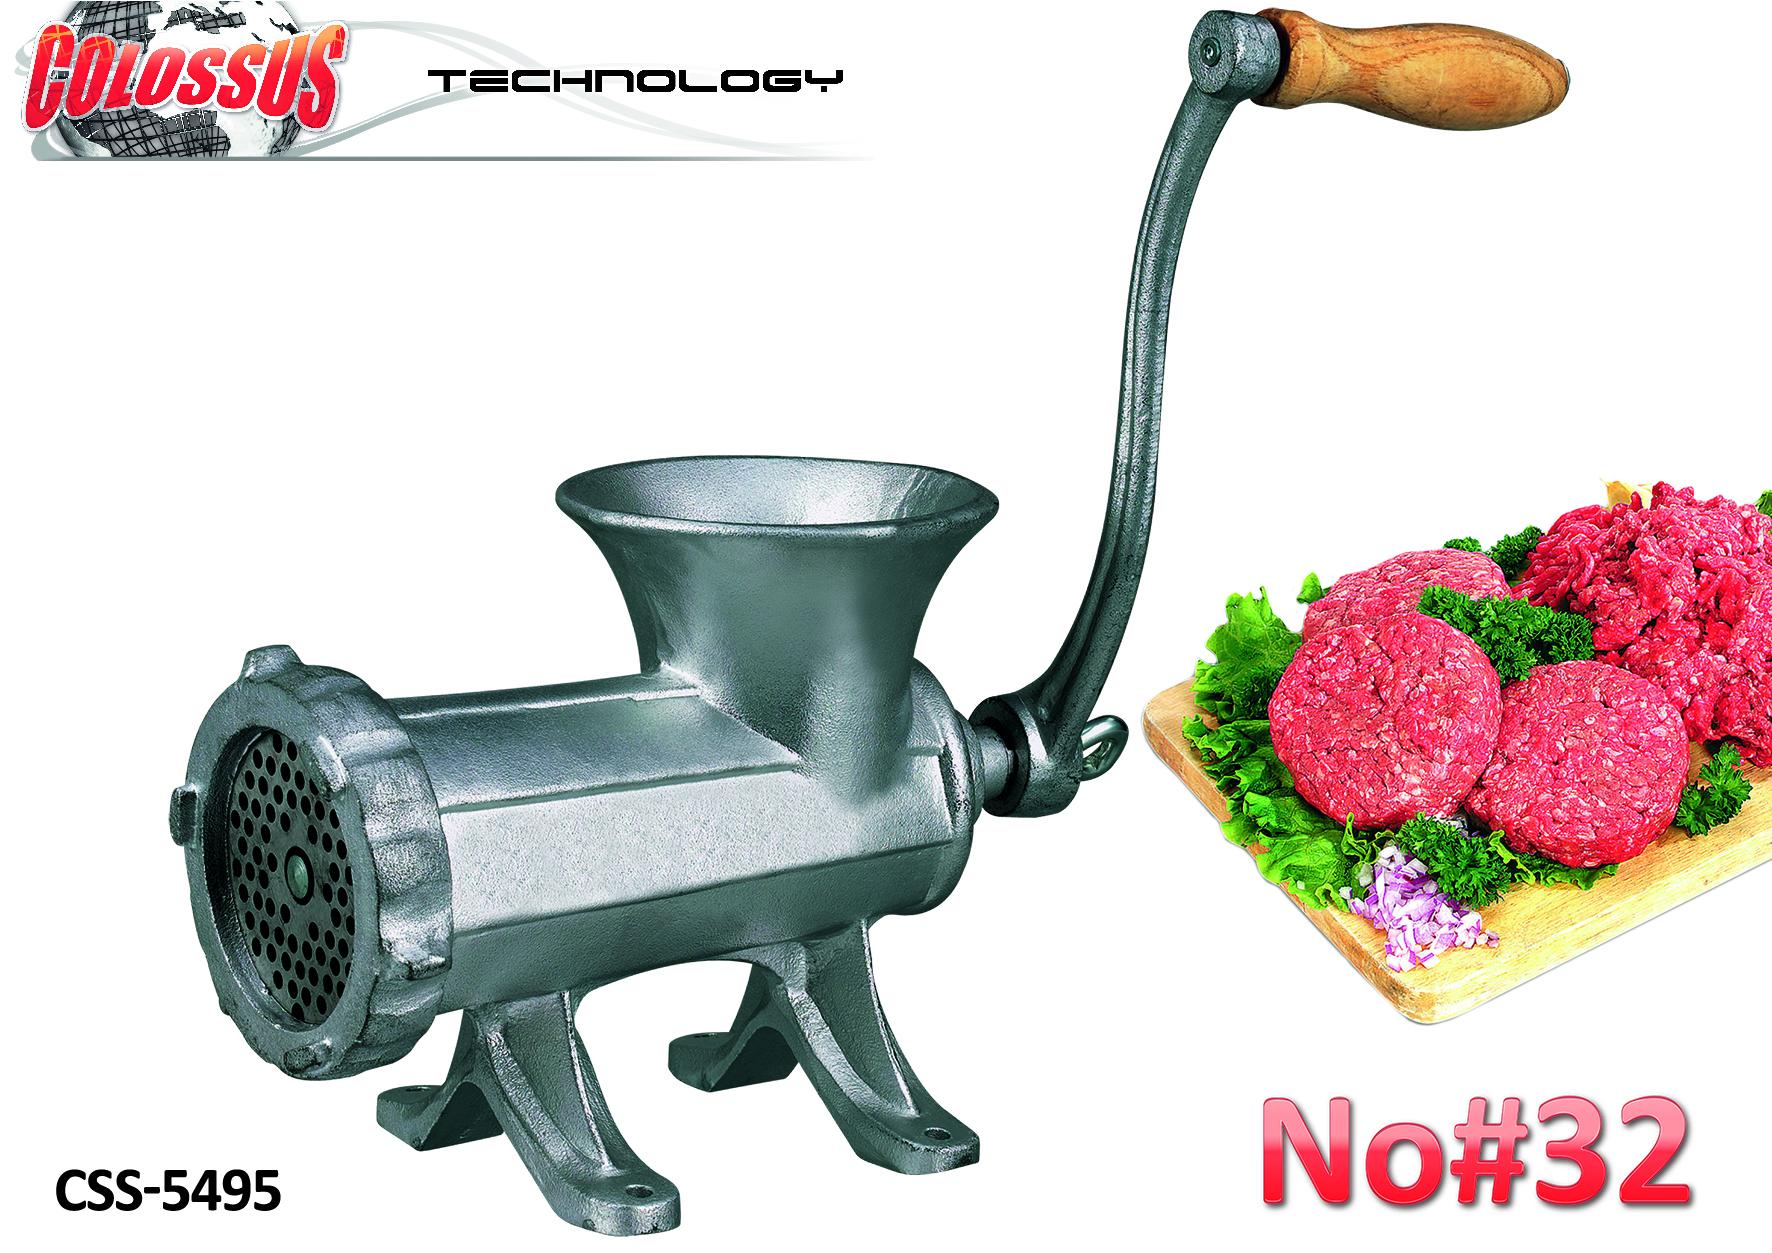 COLOSSUS Mašina za meso 32# CSS-5495